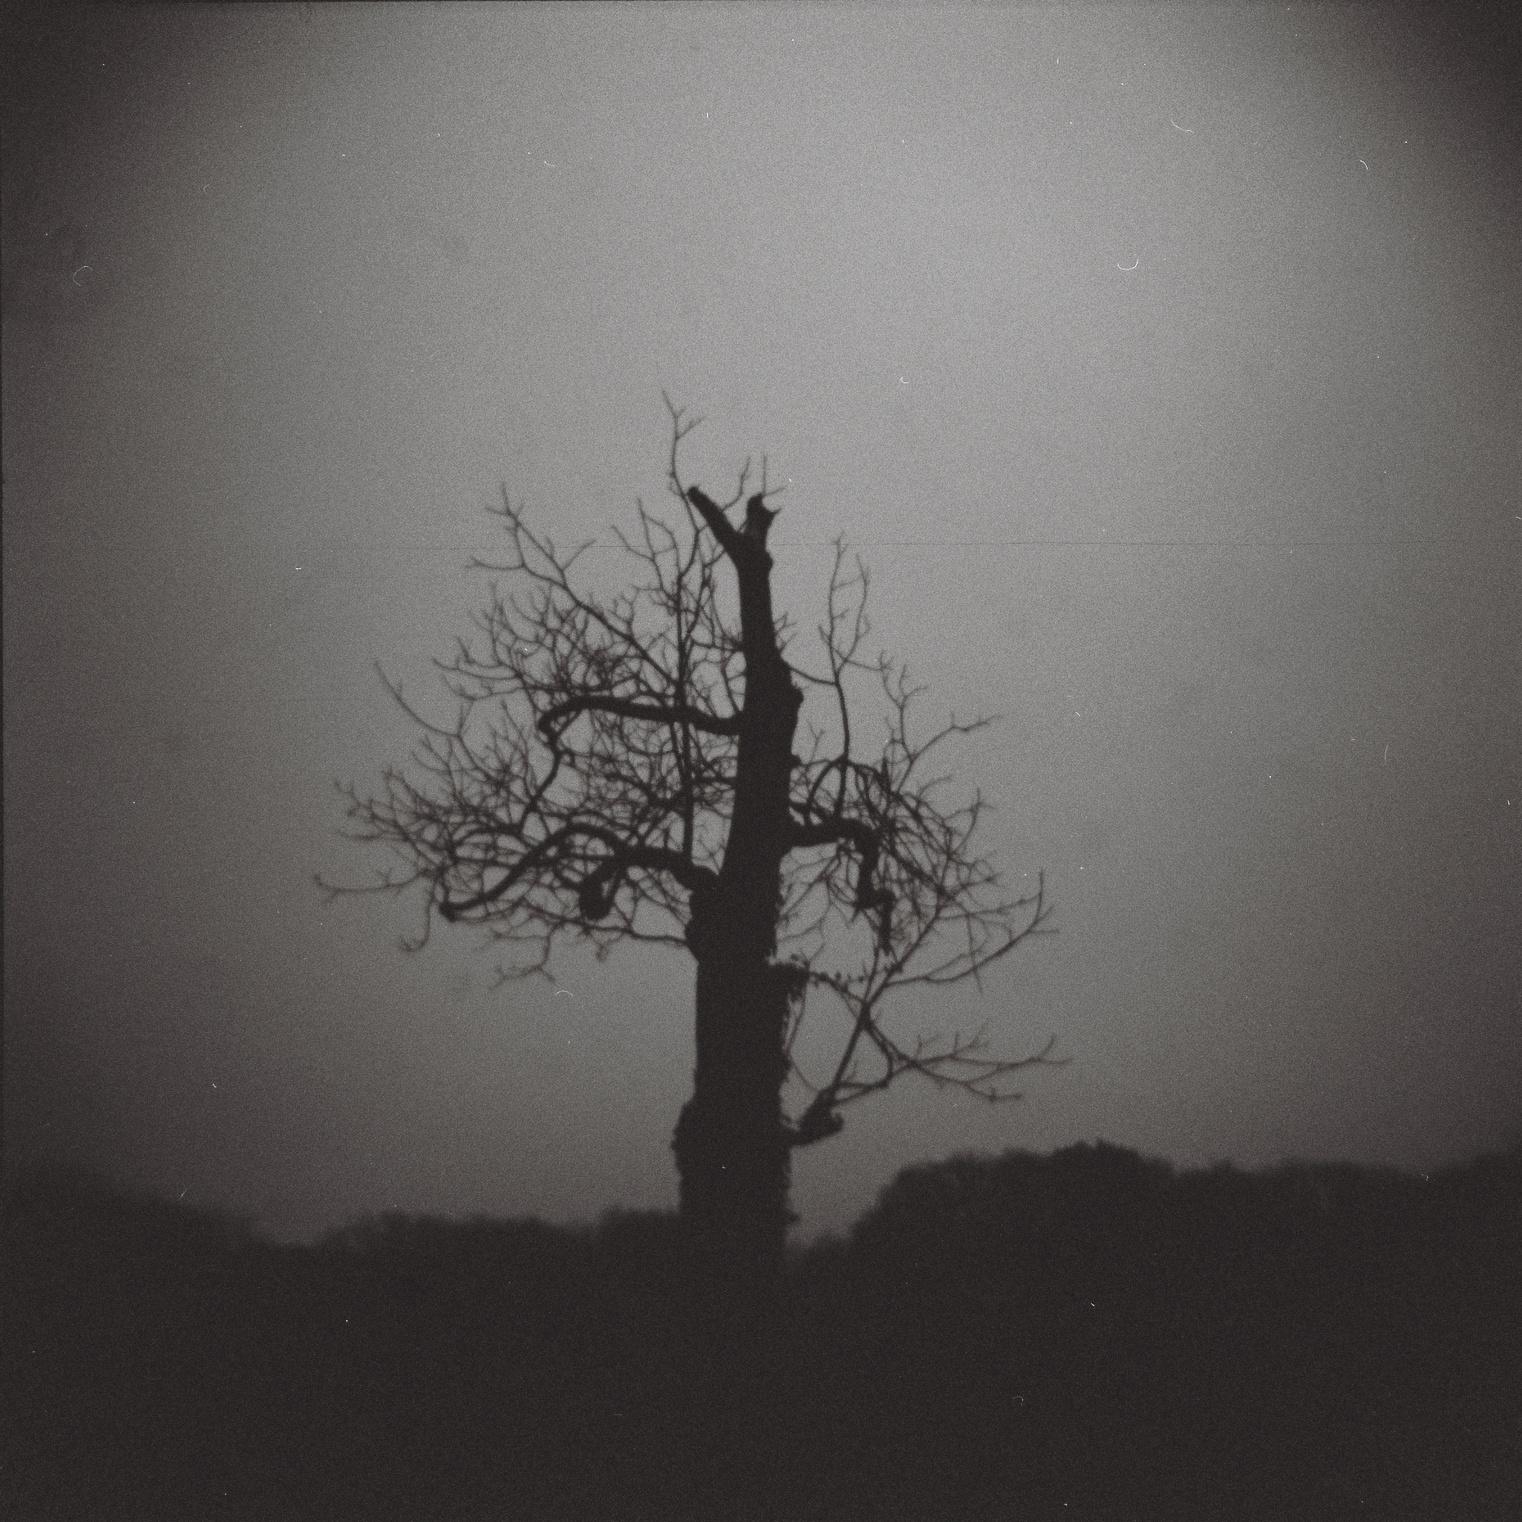 tronc d'arbre avec quelques branches, photos noir-blanc très sombre, format carré, lomographie